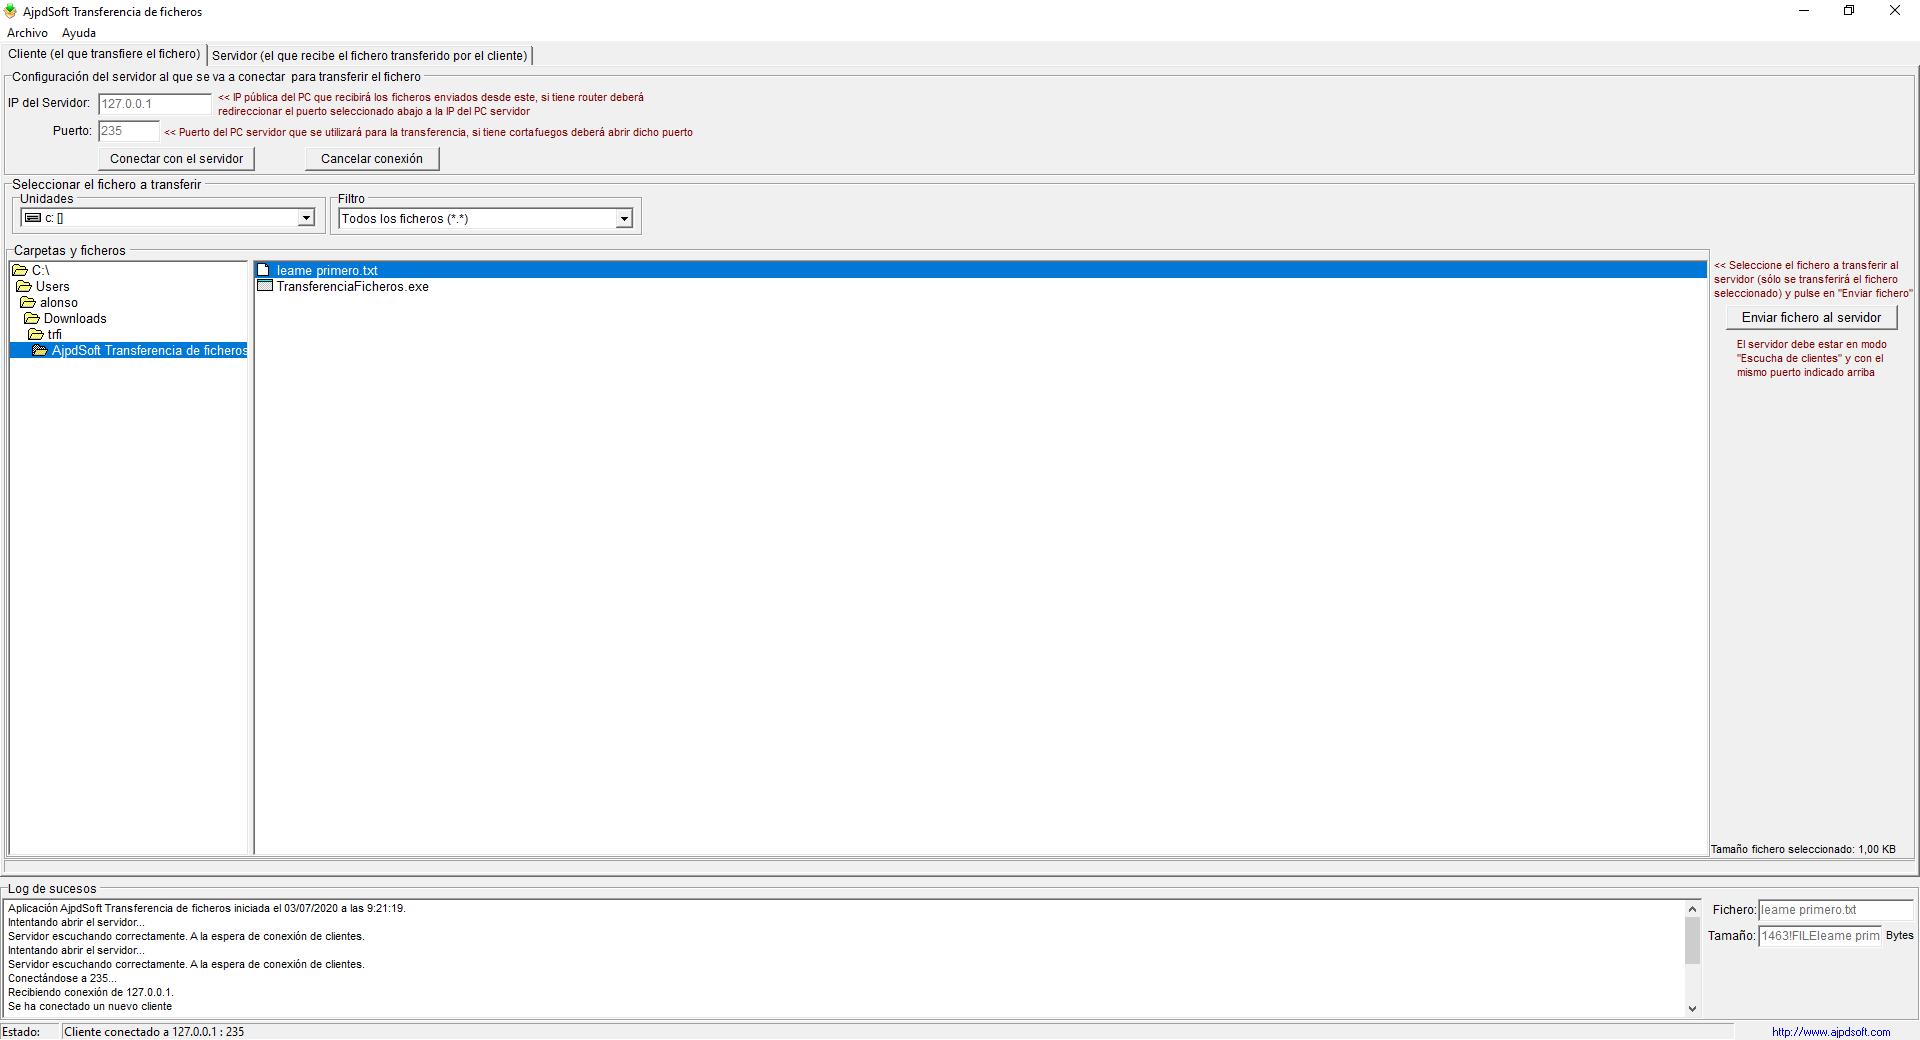 AjpdSoft Transferencia de ficheros Código Fuente Delphi 6